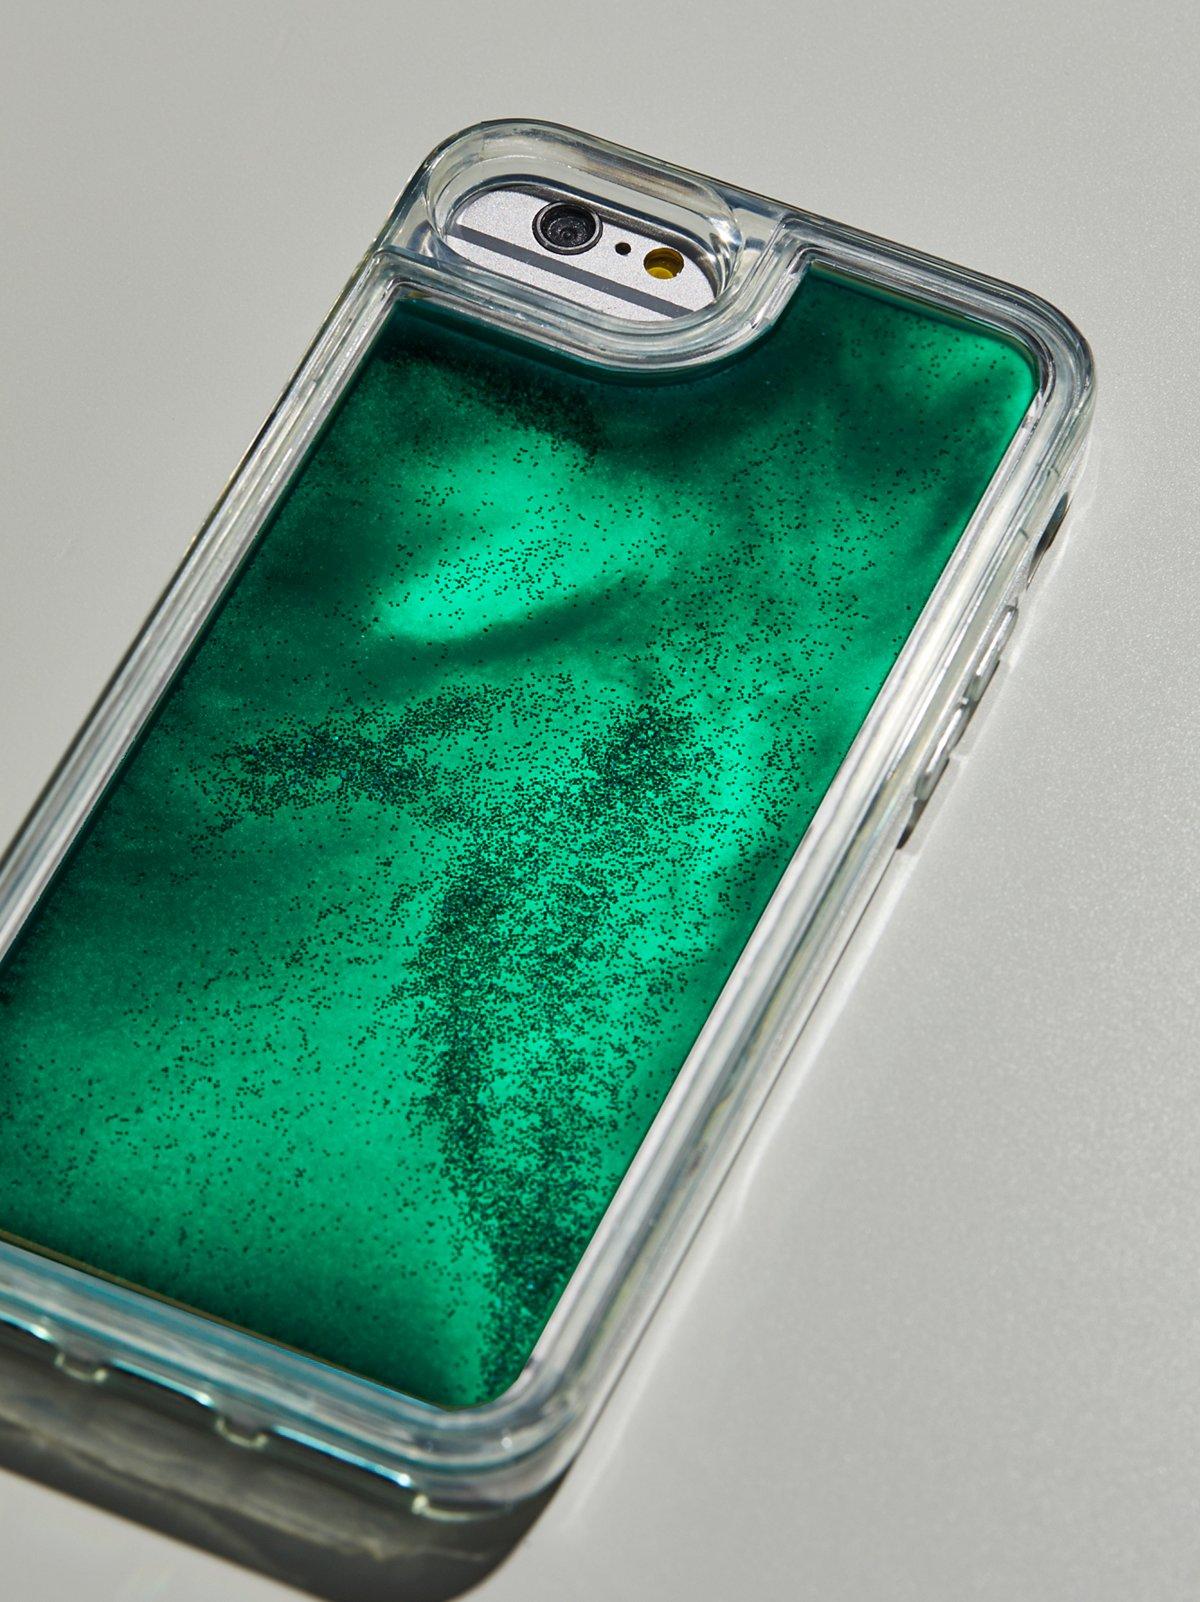 Day Glow iPhone手机壳